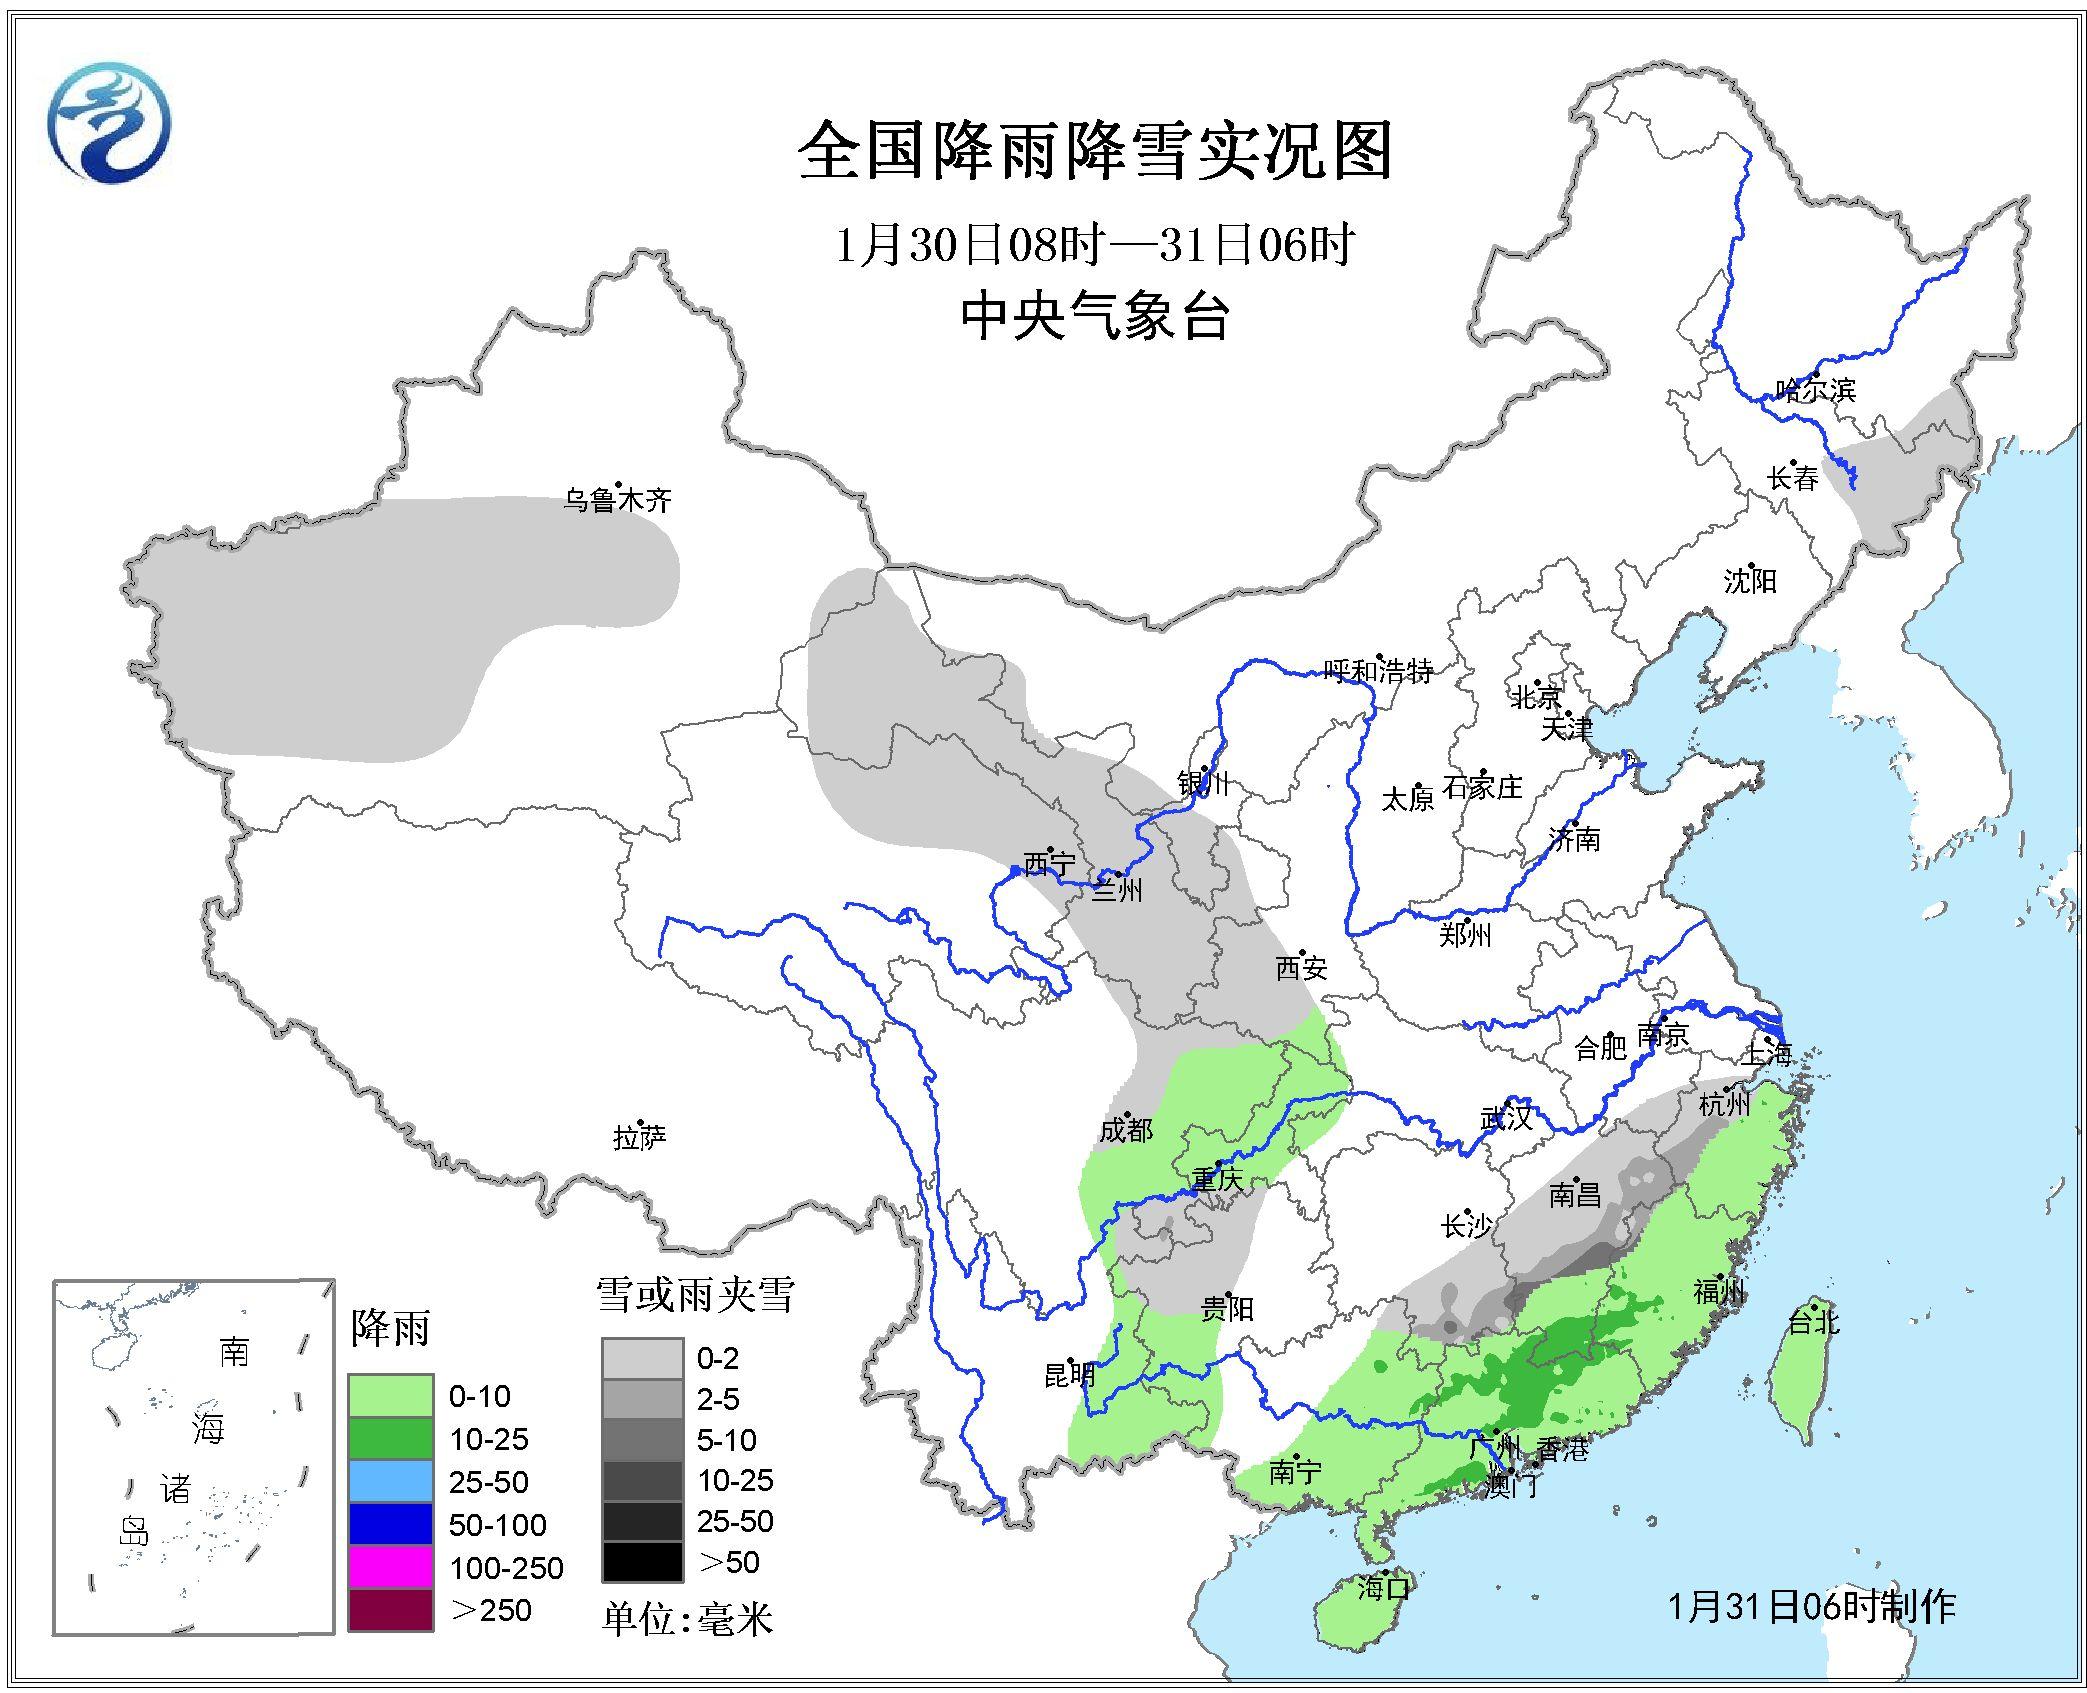 全国降雨降雪实况图013008-013106.jpg